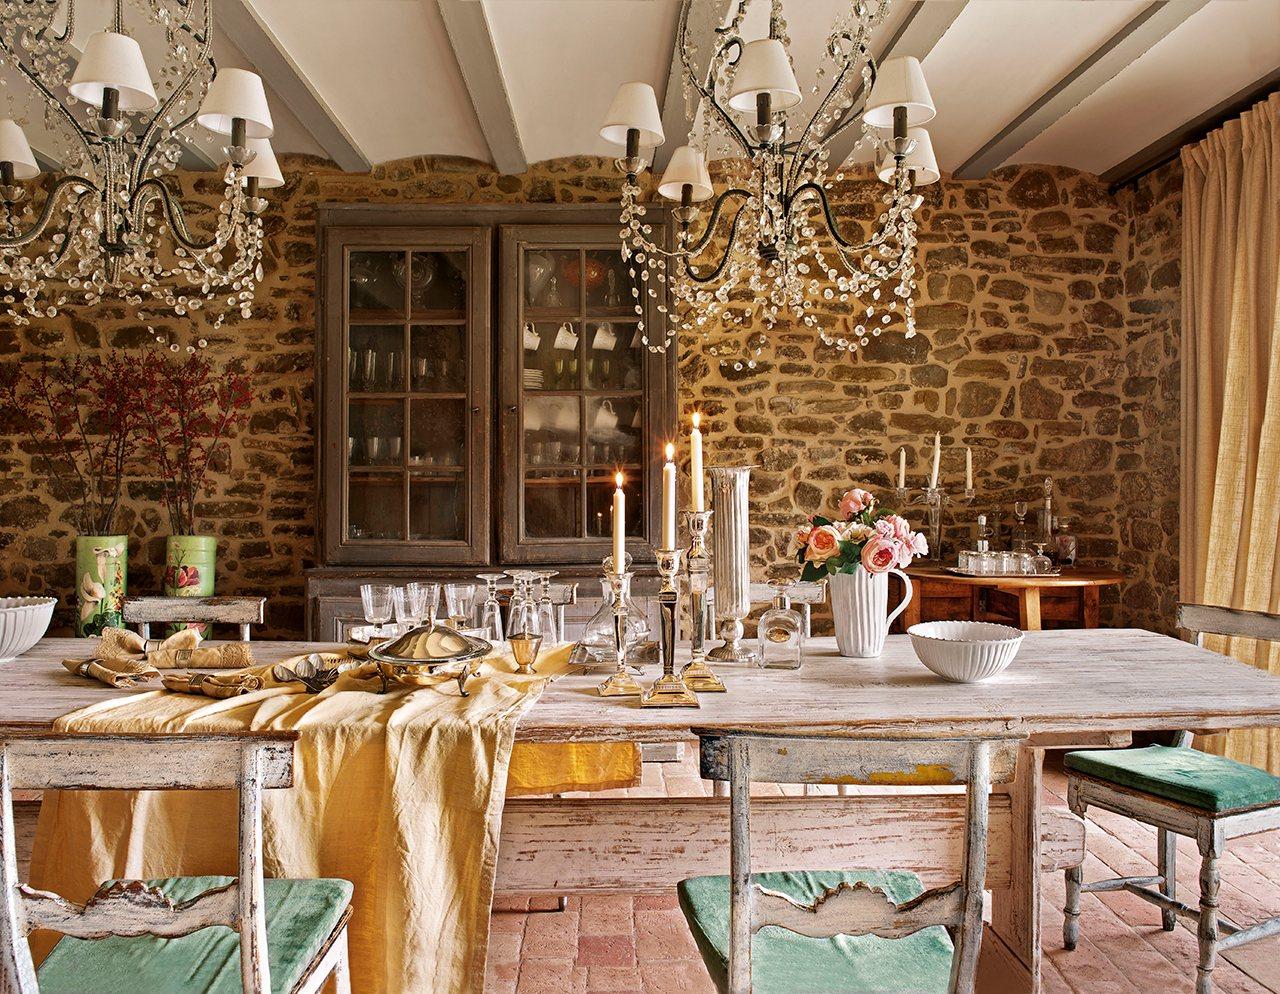 820 - Masía del s. XVI reconvertida en espectacular casa rural en La Garrotxa, Girona